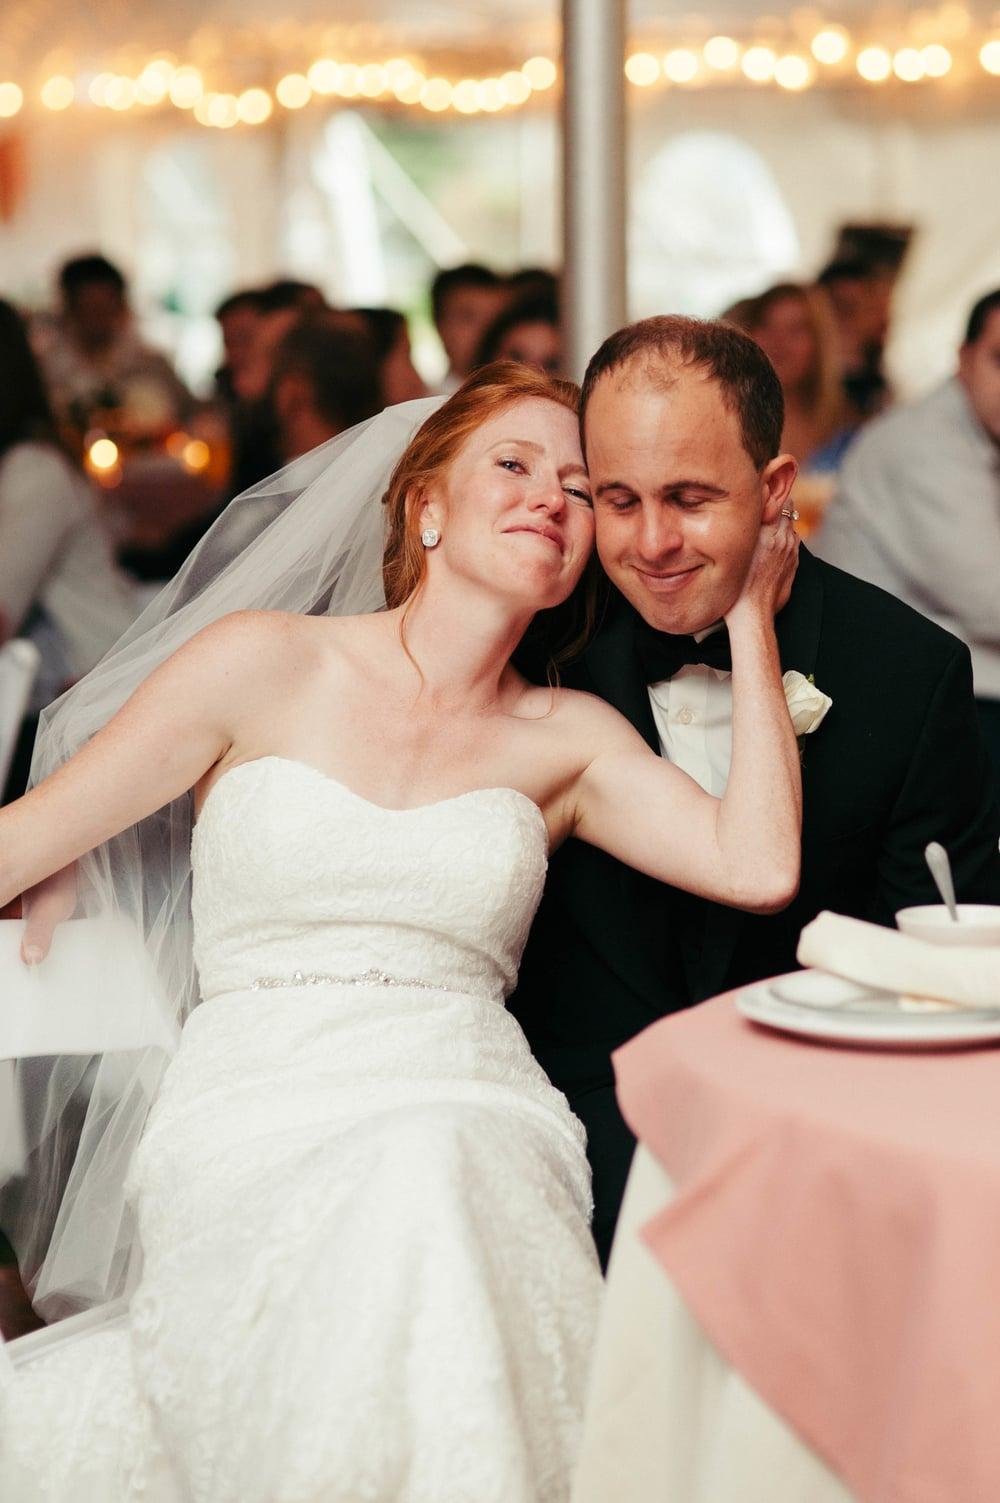 erie wedding-108.jpg